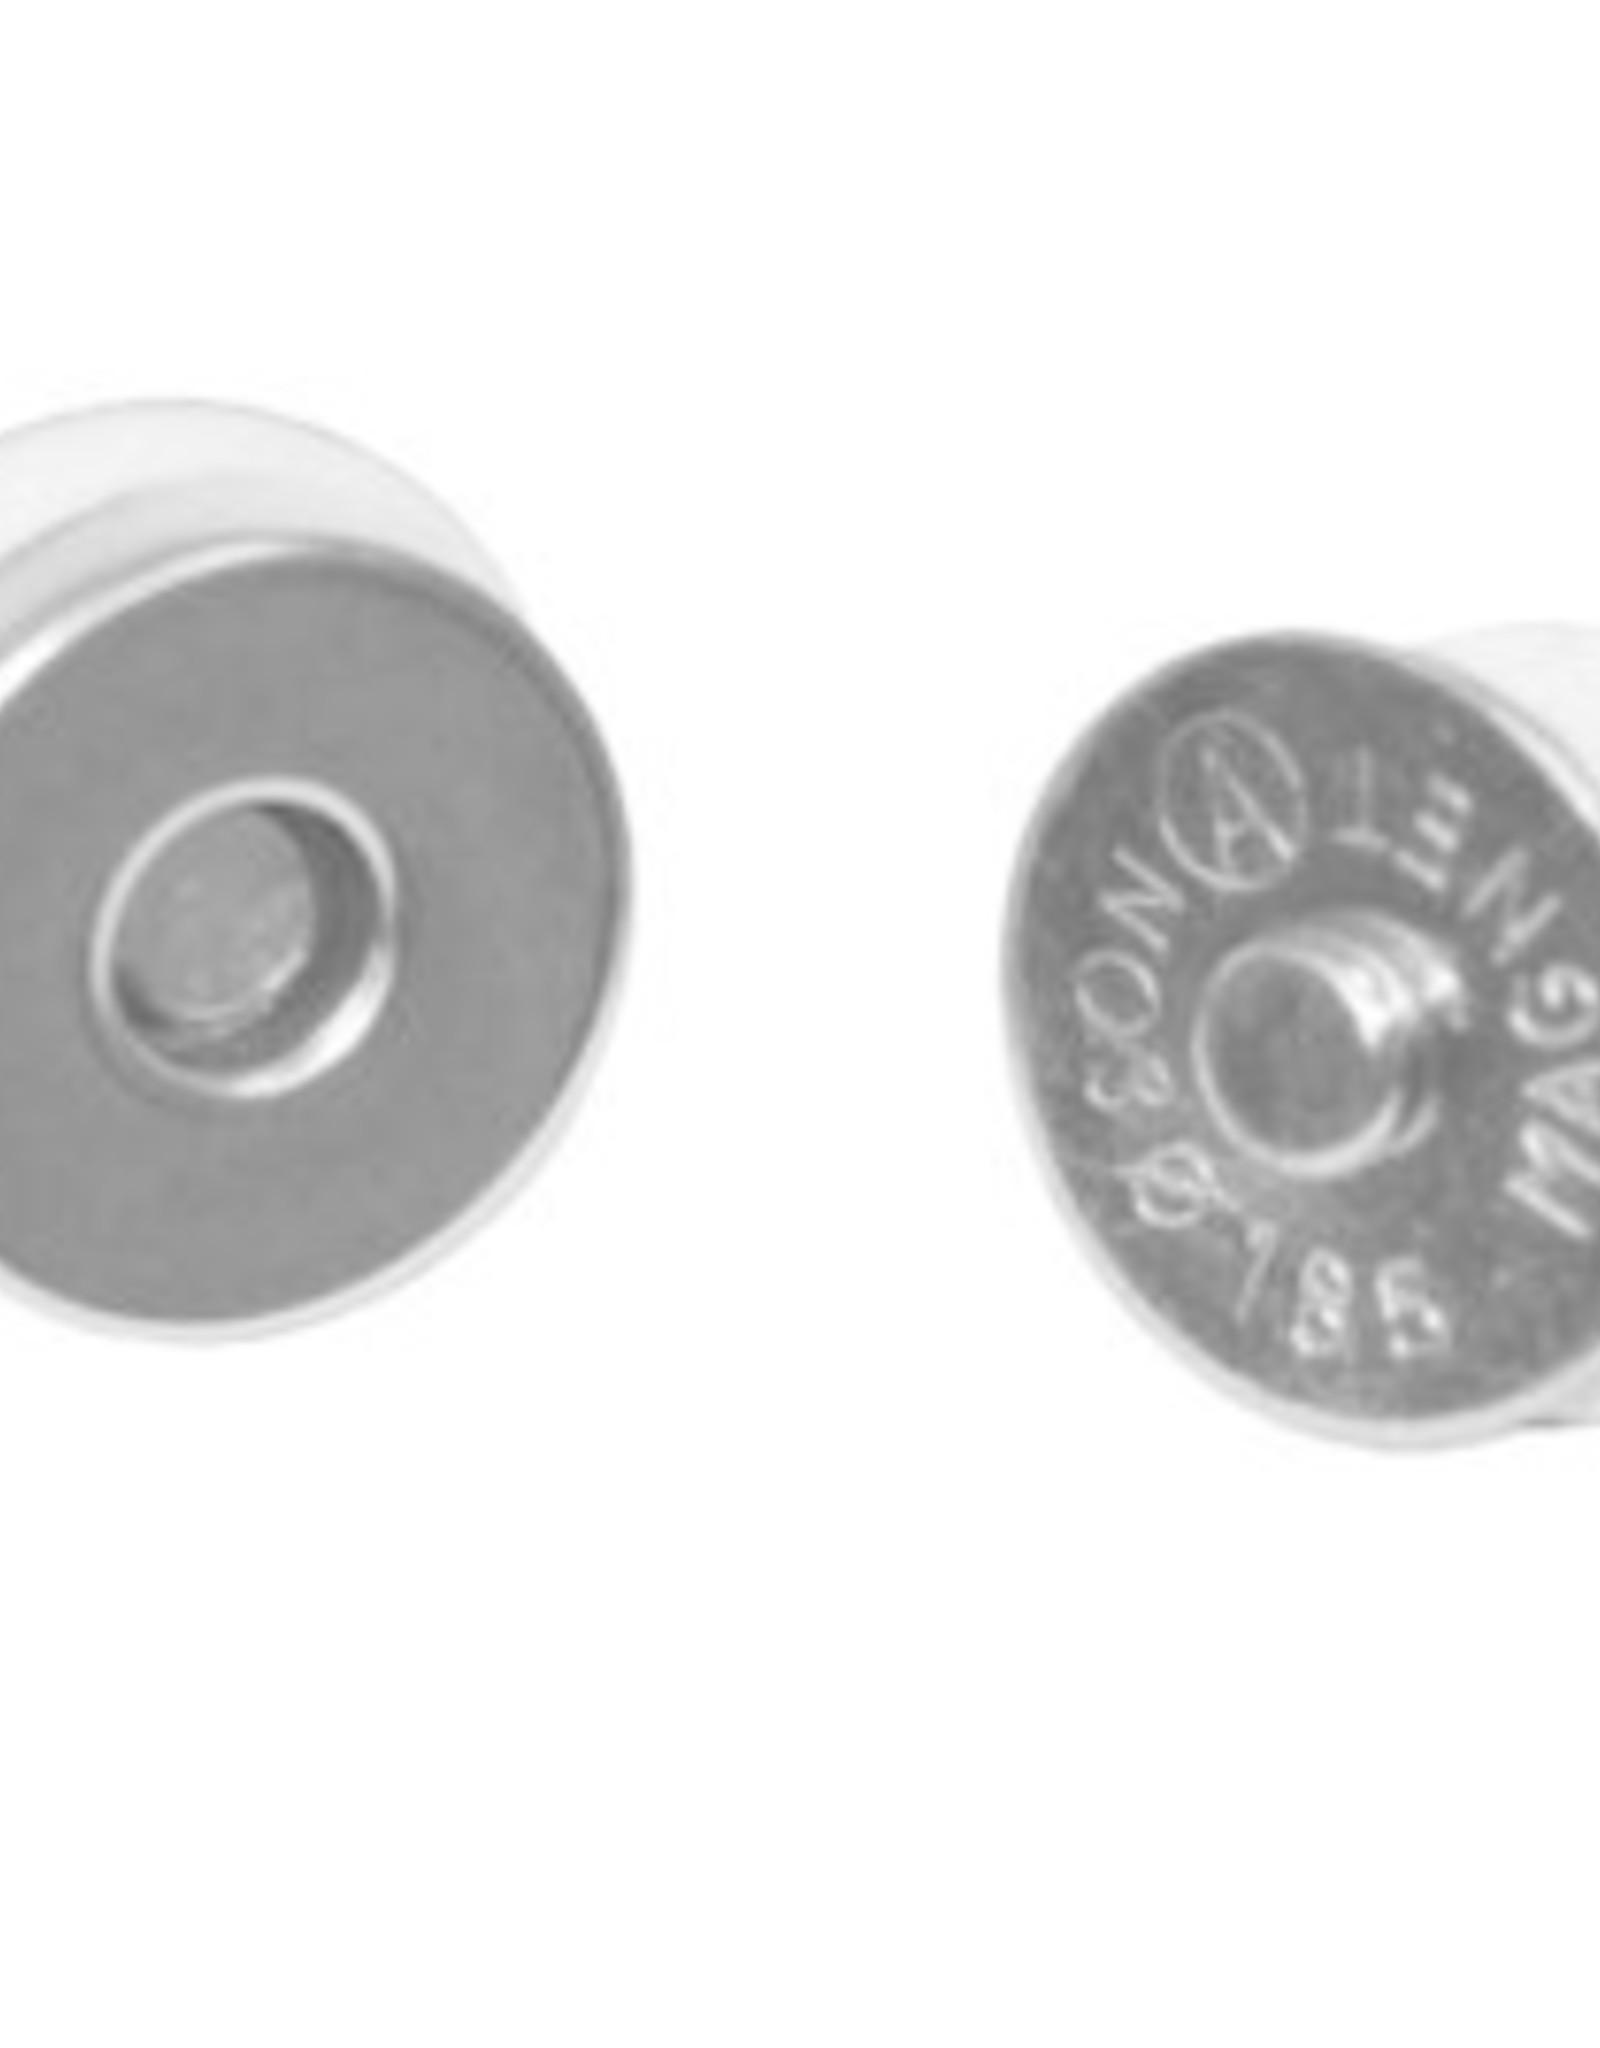 Magneetsluiting 14mm - Zilver